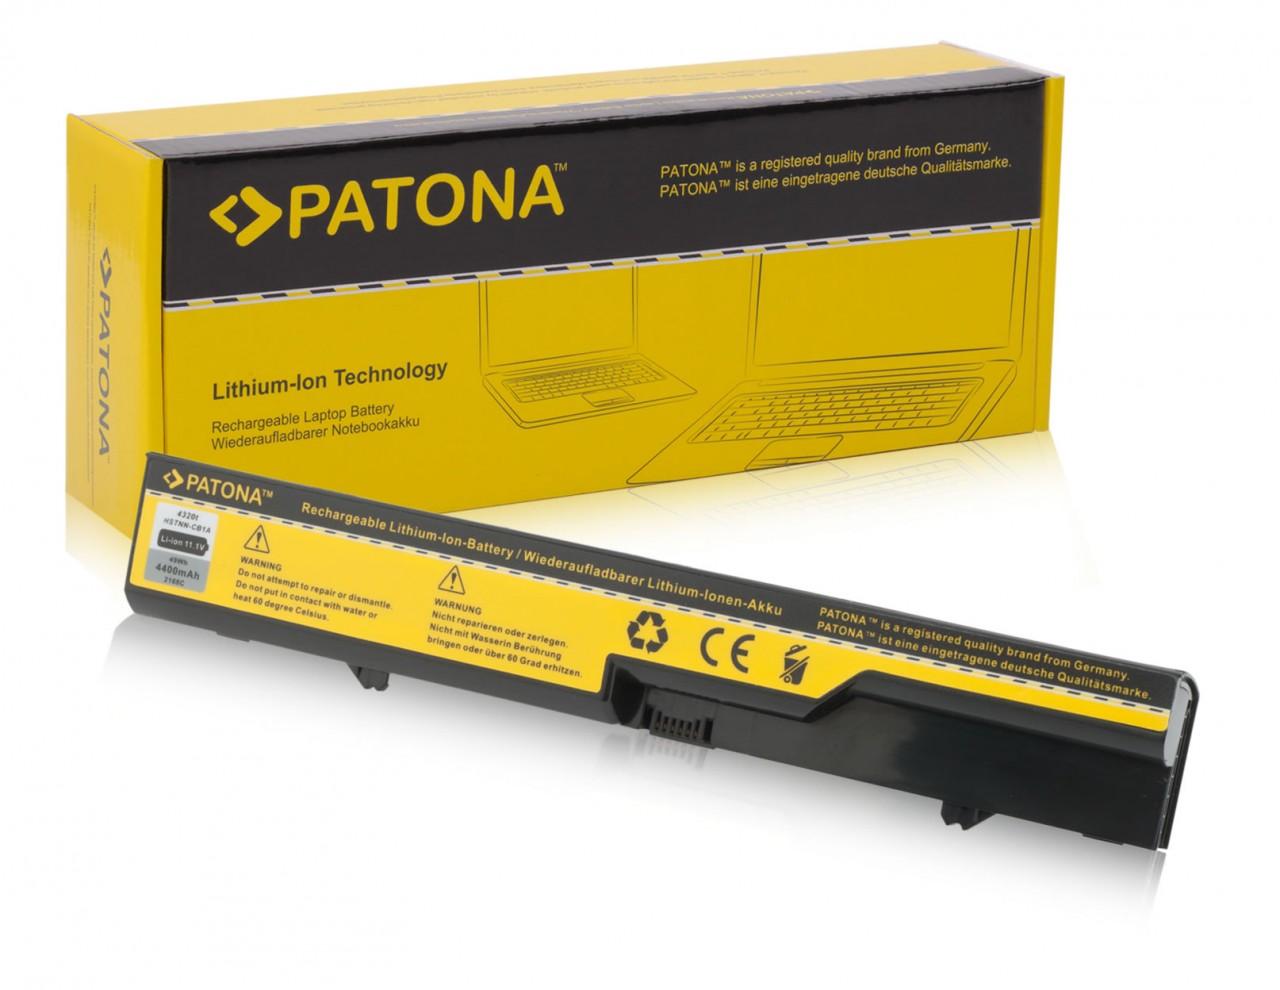 Battery HP HSTNN-CB1A, HSTNN-CBOX, HSTNN-DB1A, ProBook4320